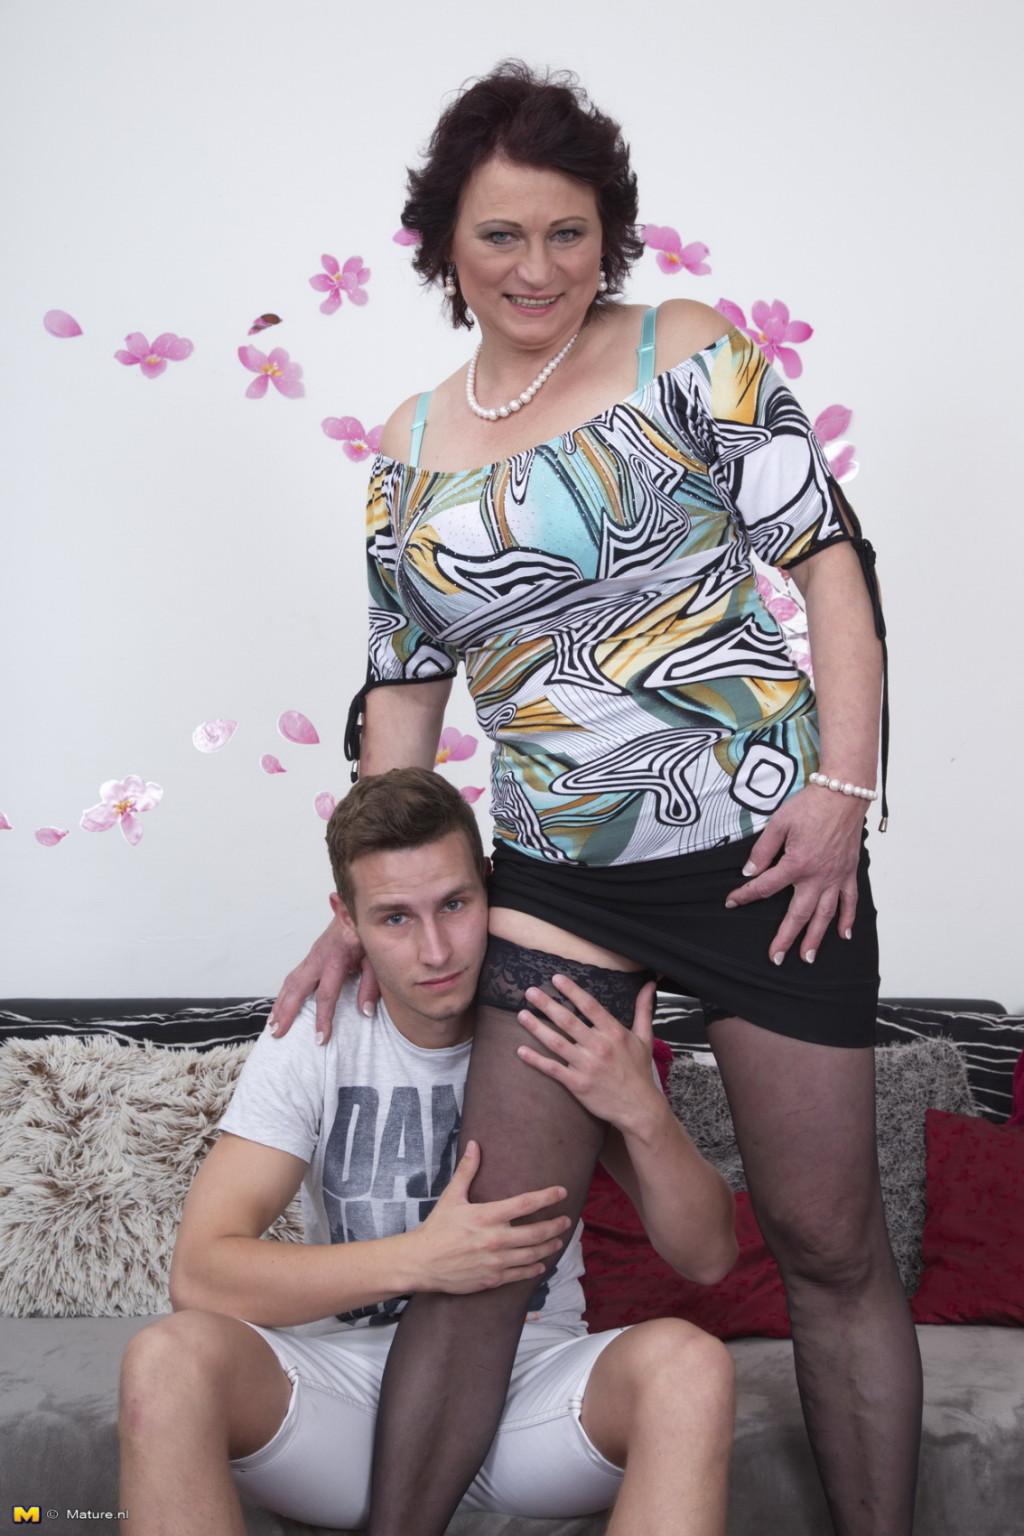 Зрелая женщина разрешает себя облапать молодому человеку и проявляет интерес к его члену